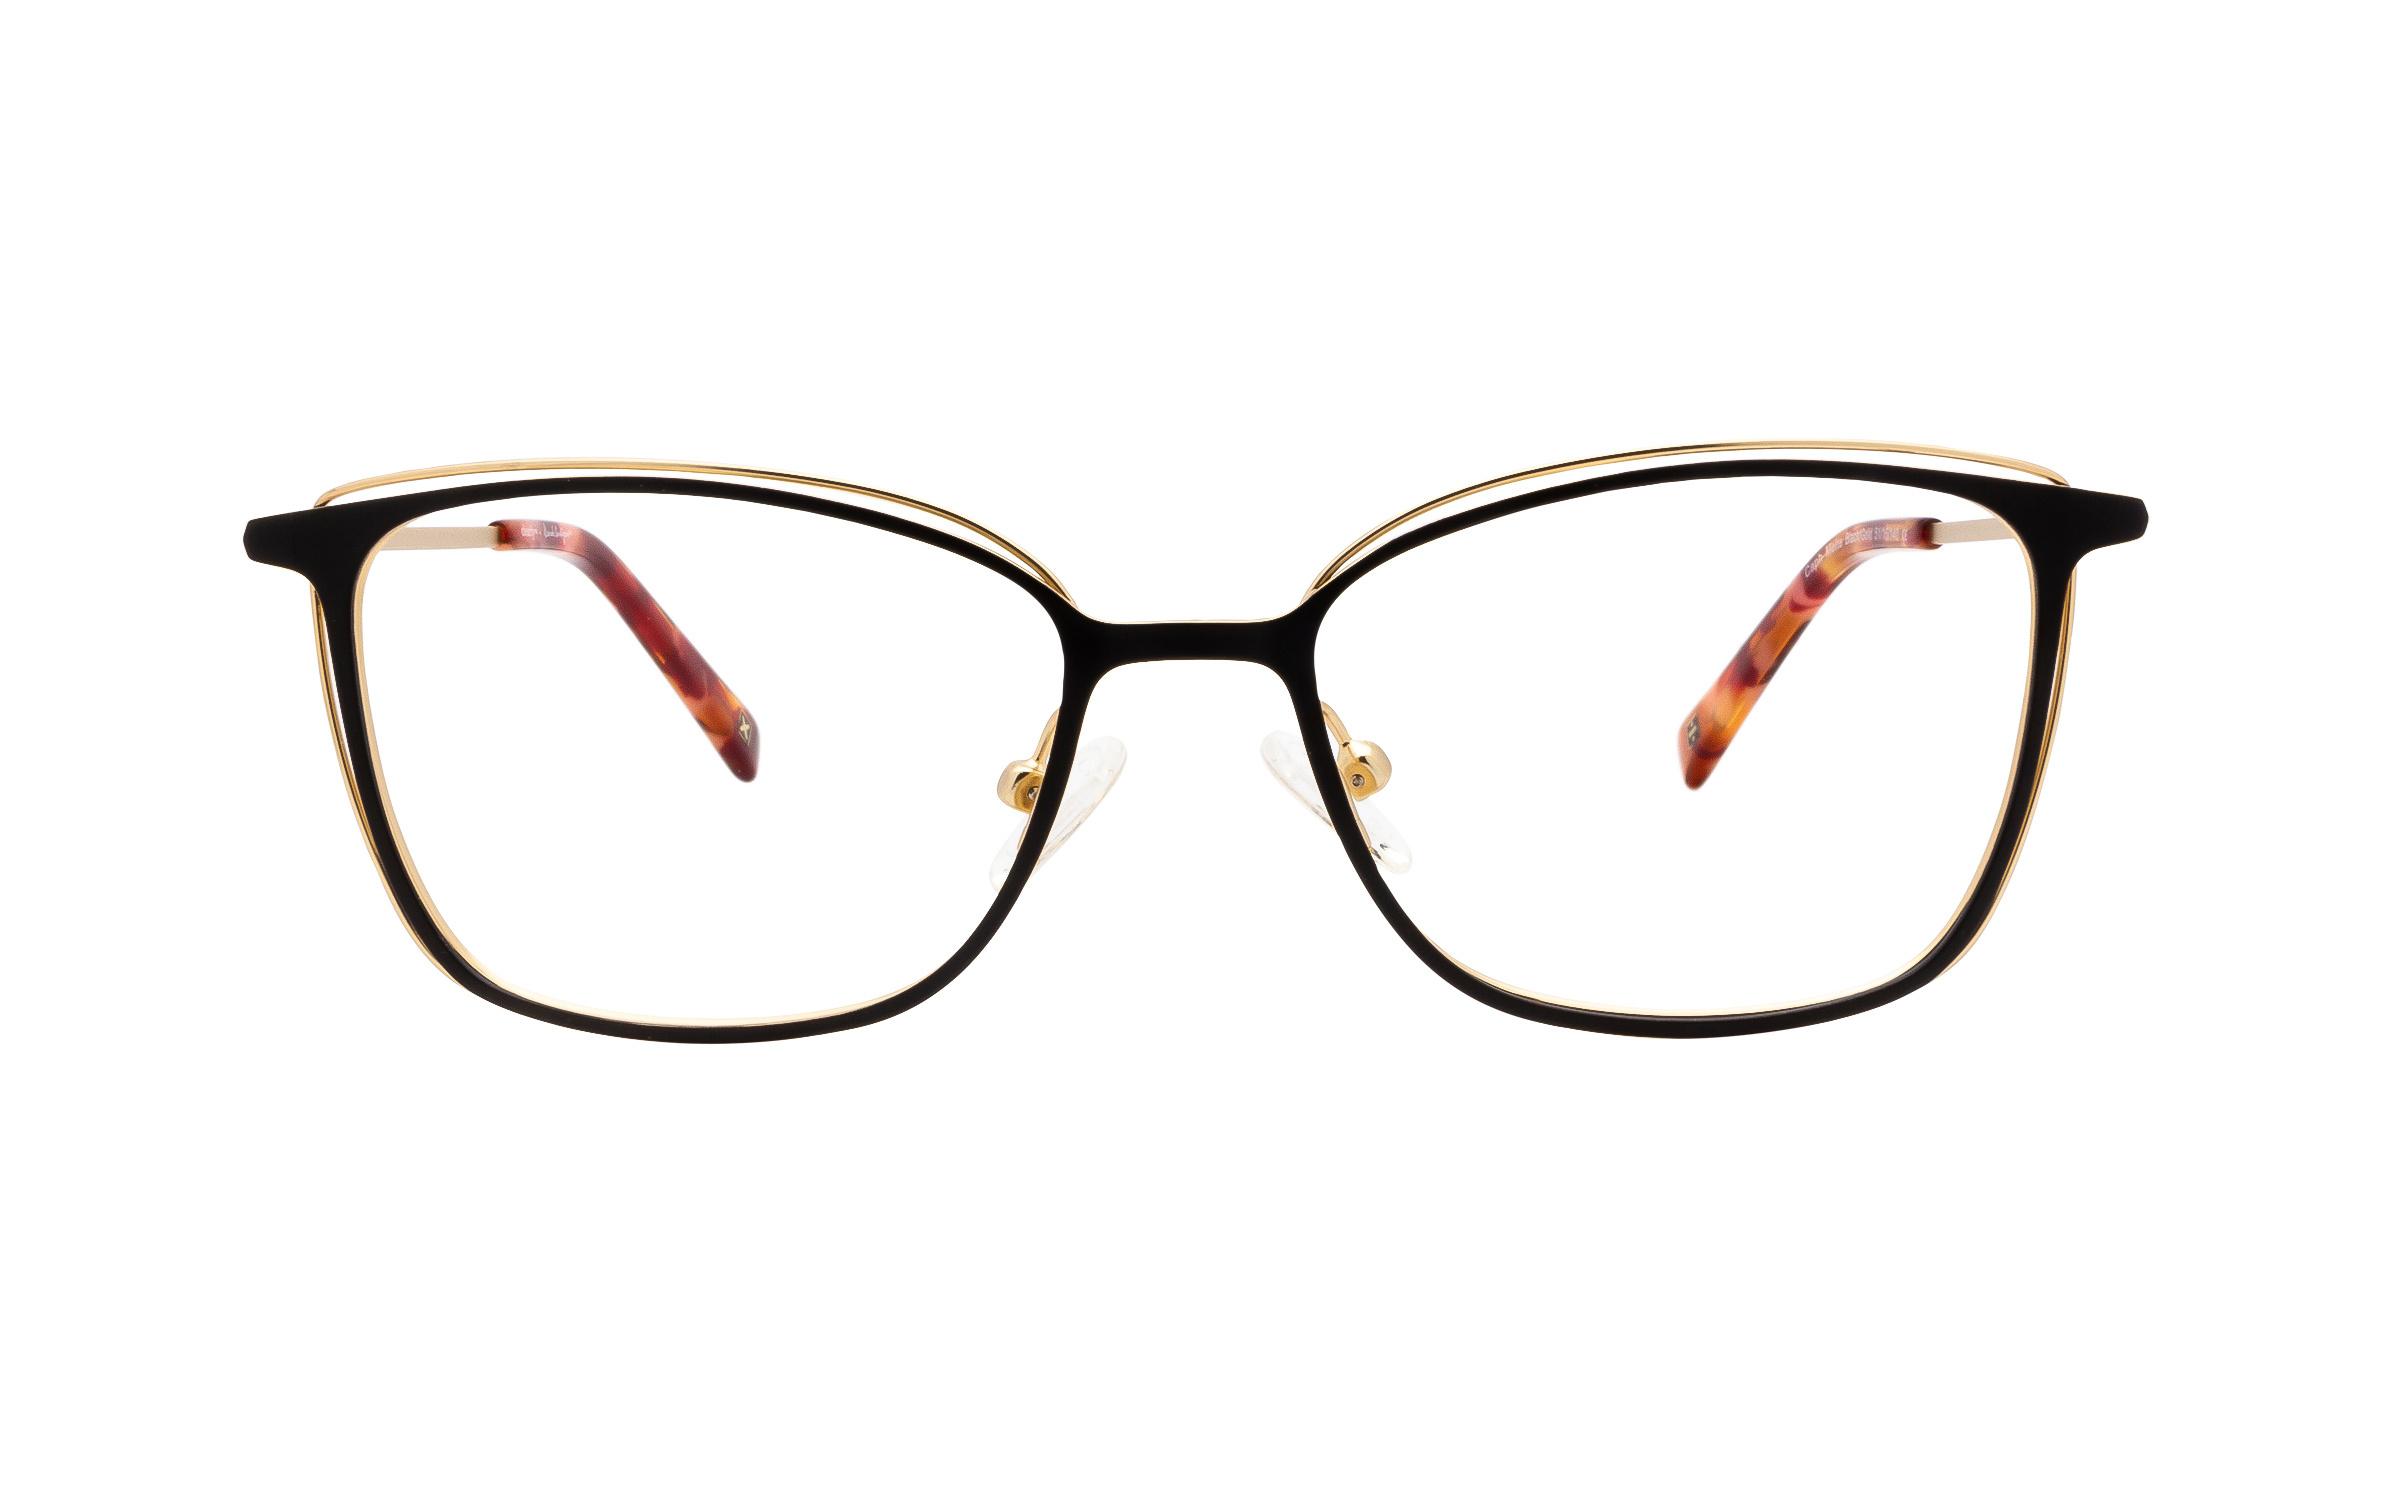 http://www.coastal.com/ - Derek Cardigan Caph DC218 C03 (51) Eyeglasses and Frame in Matte Gold/Black | Metal – Online Coastal